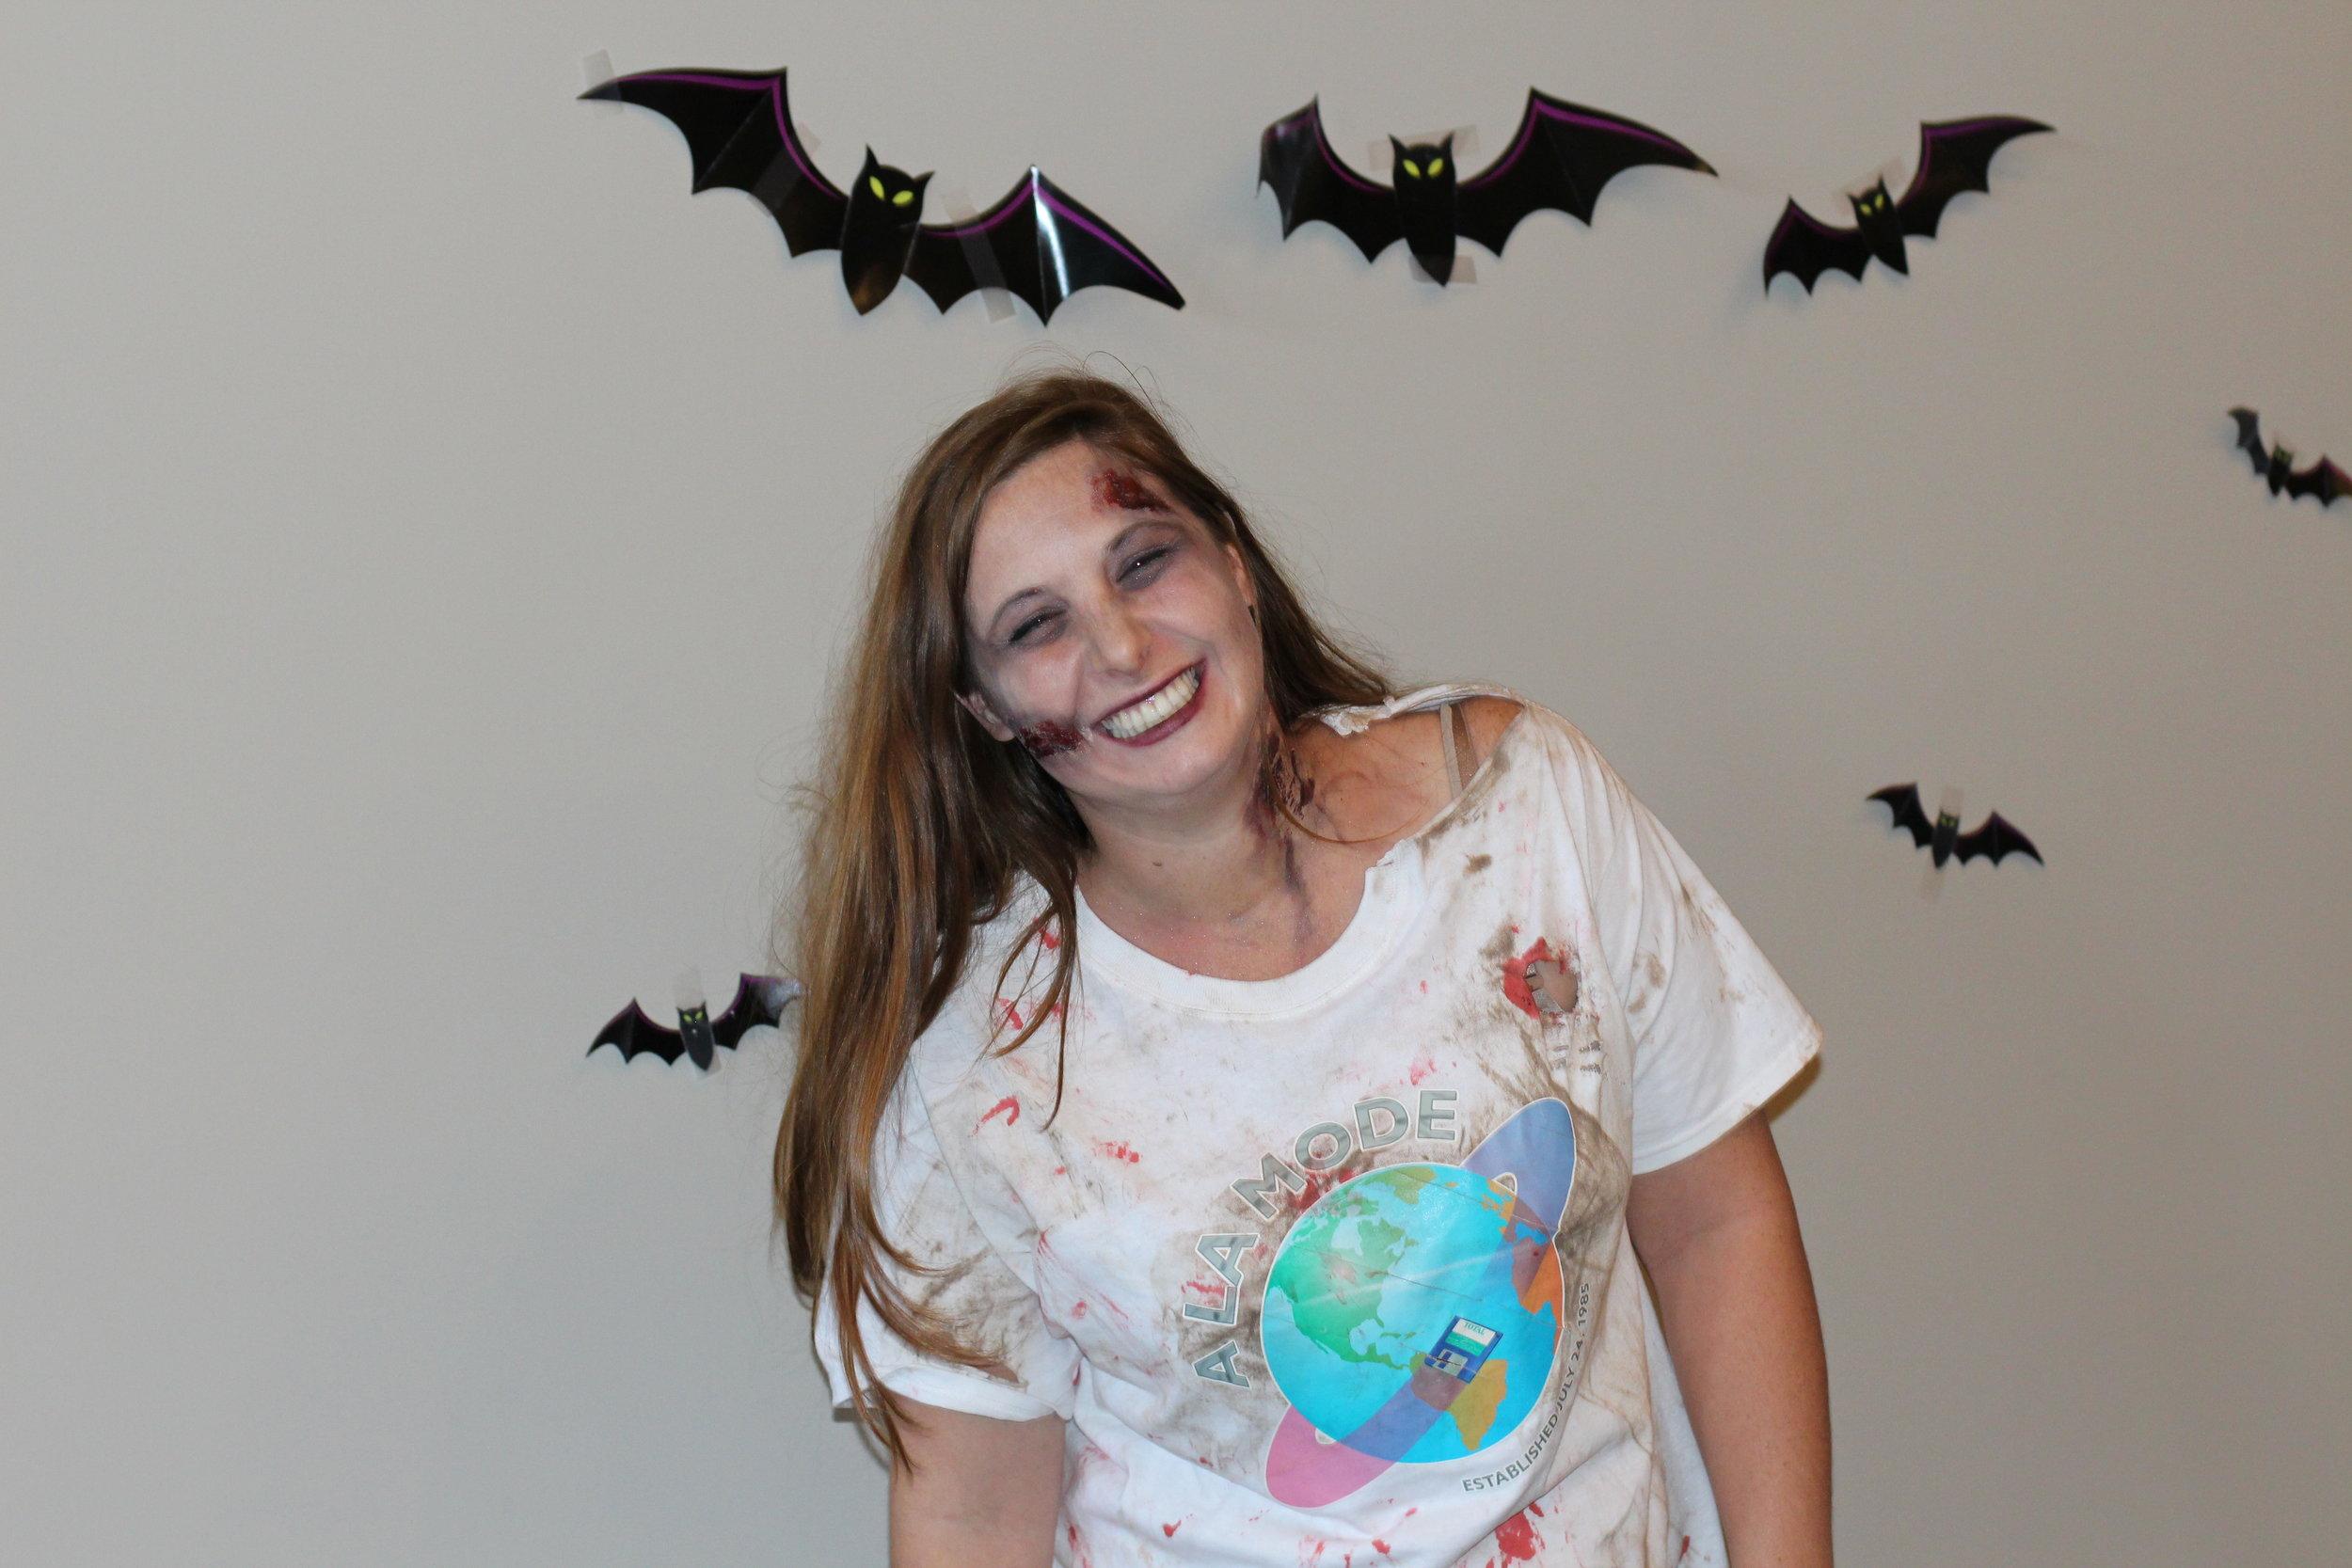 Danielle Cox - a la mode Zombie